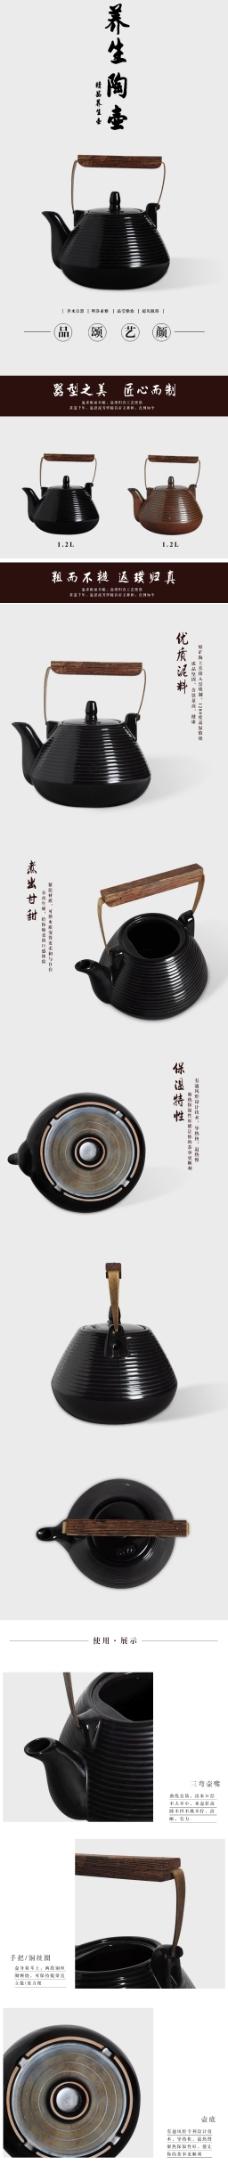 养生陶壶详情页淘宝电商